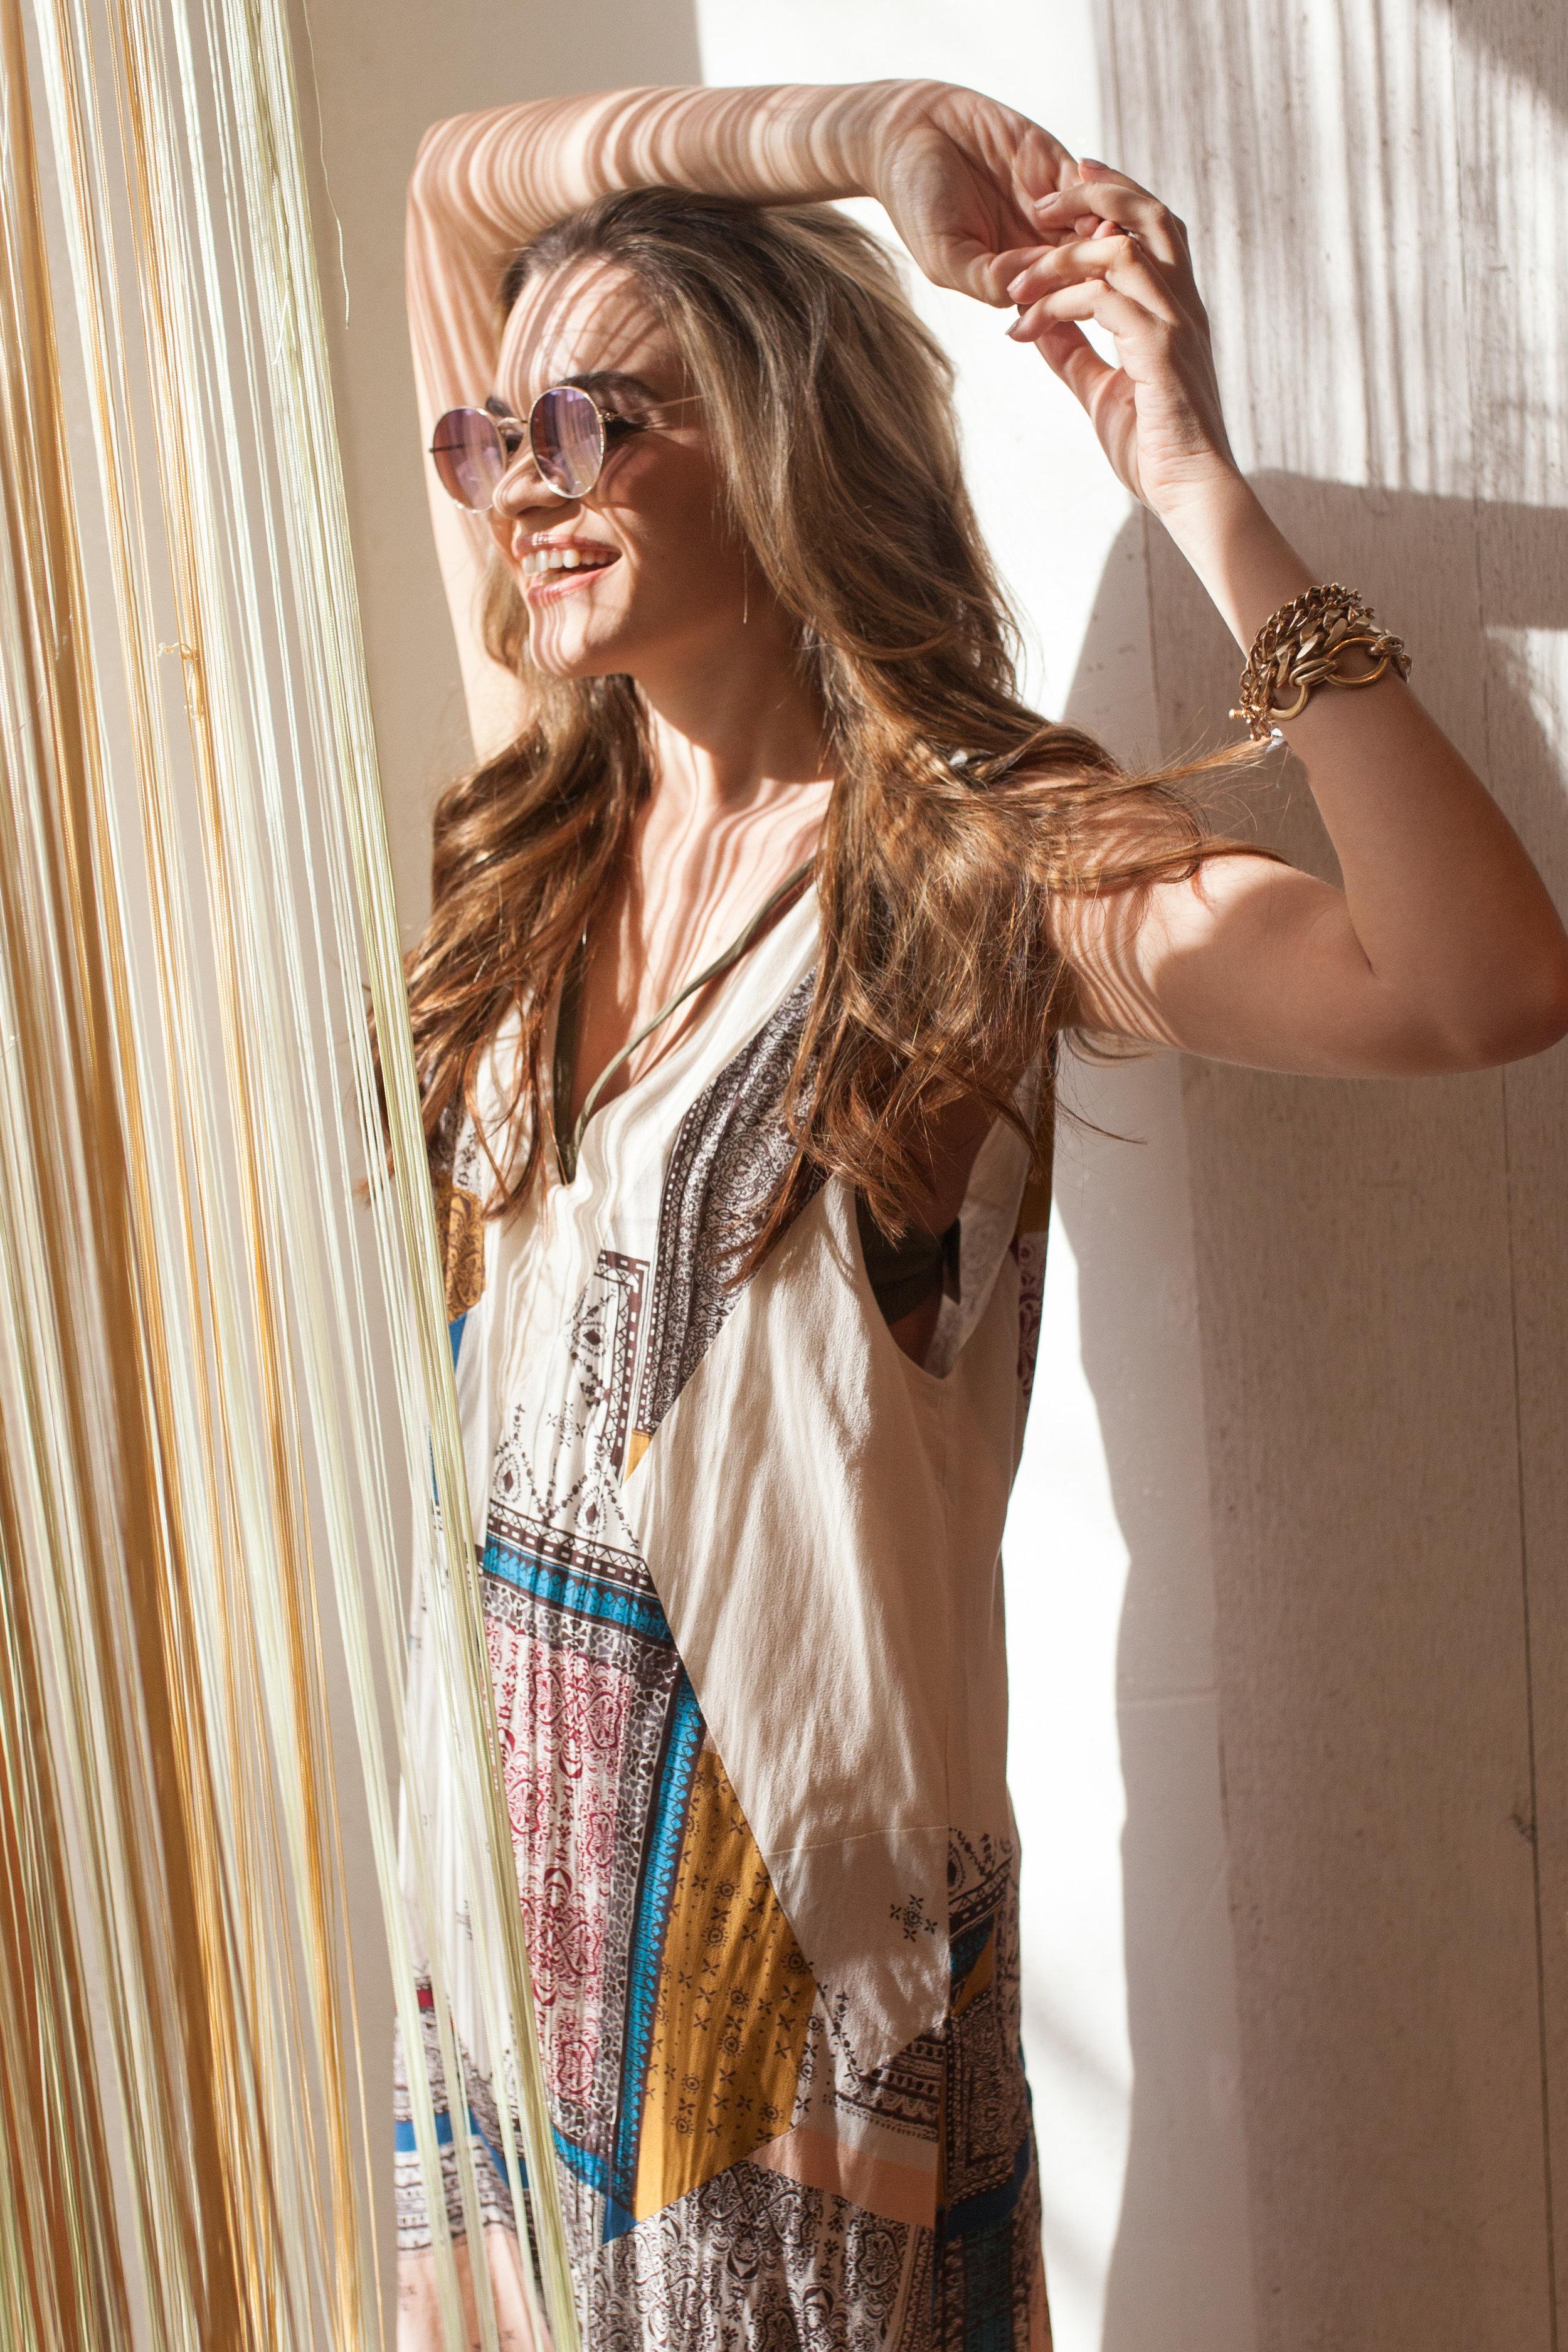 model: @andreazenovia  photography/styling: @elow24